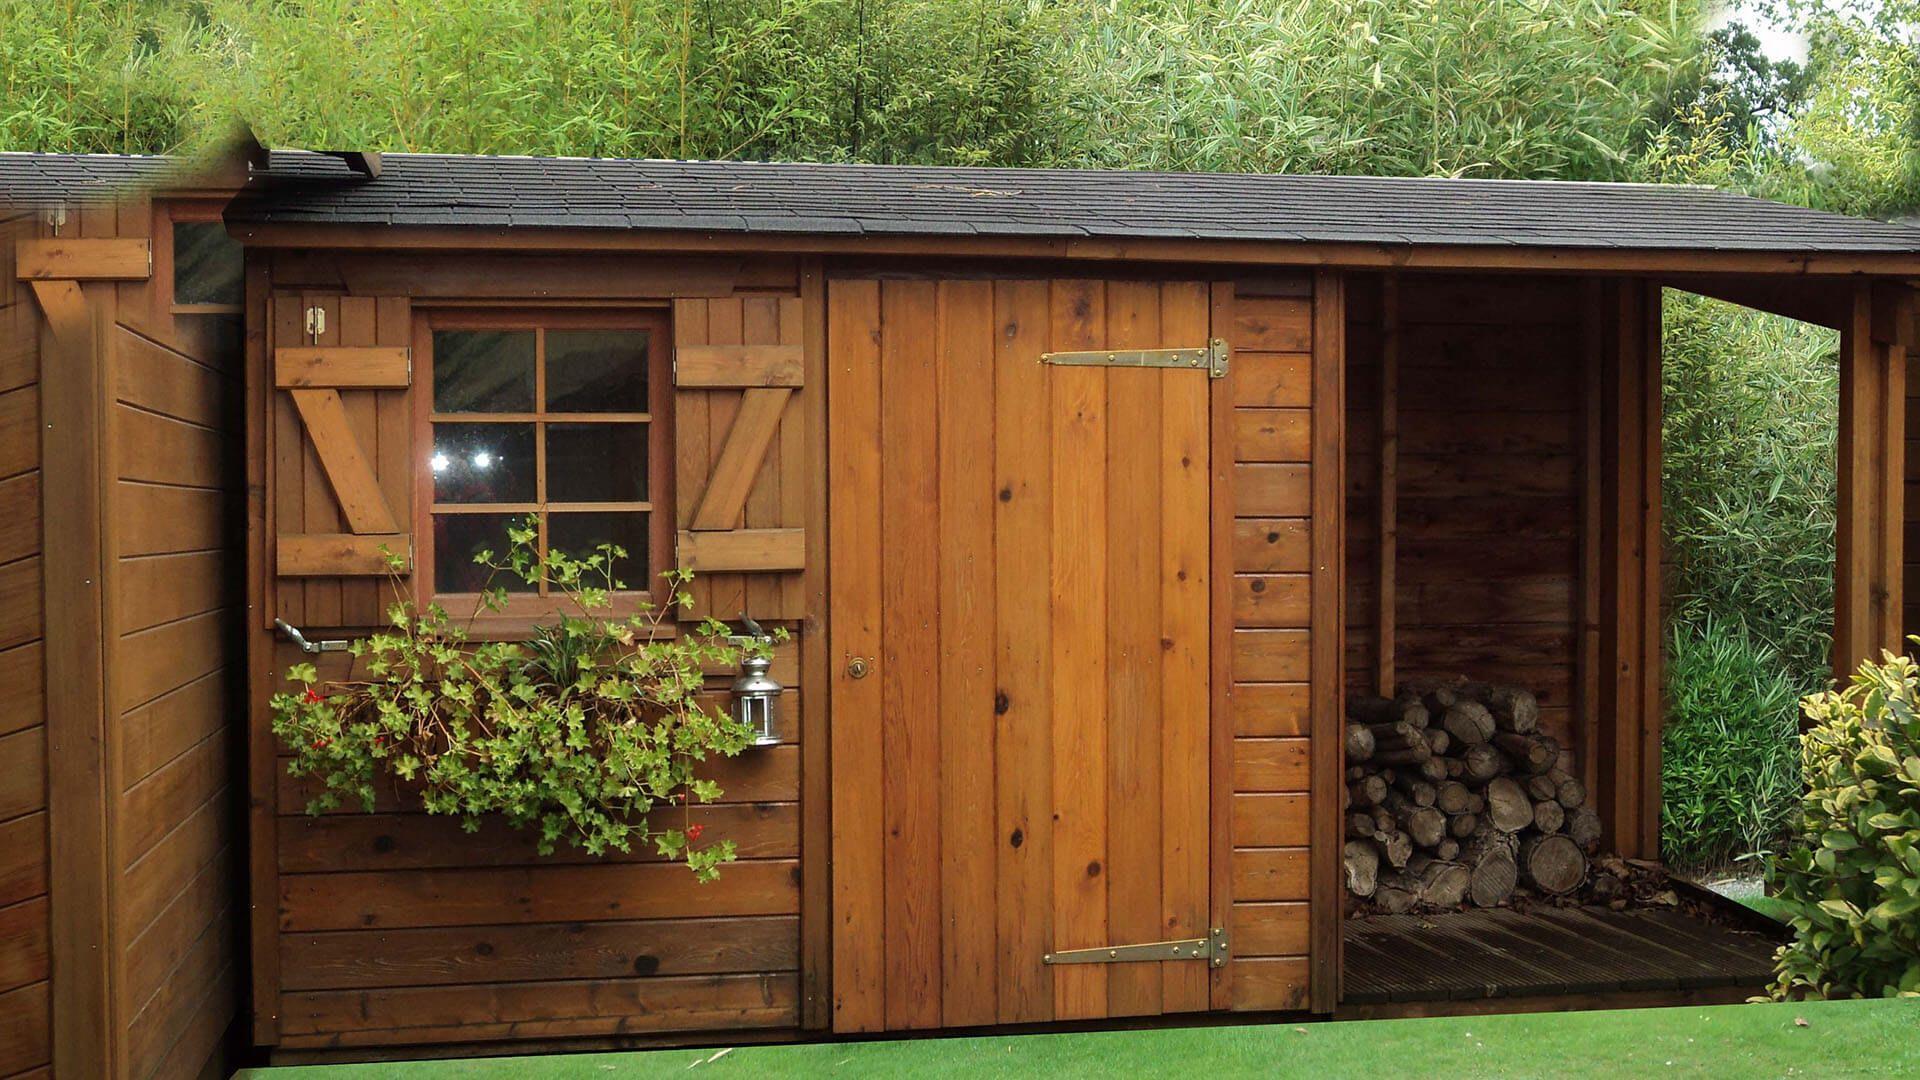 Que Diriez-Vous D'un Abri De Jardin Une Pente Pour Stocker ... concernant Chalet De Jardin Bois